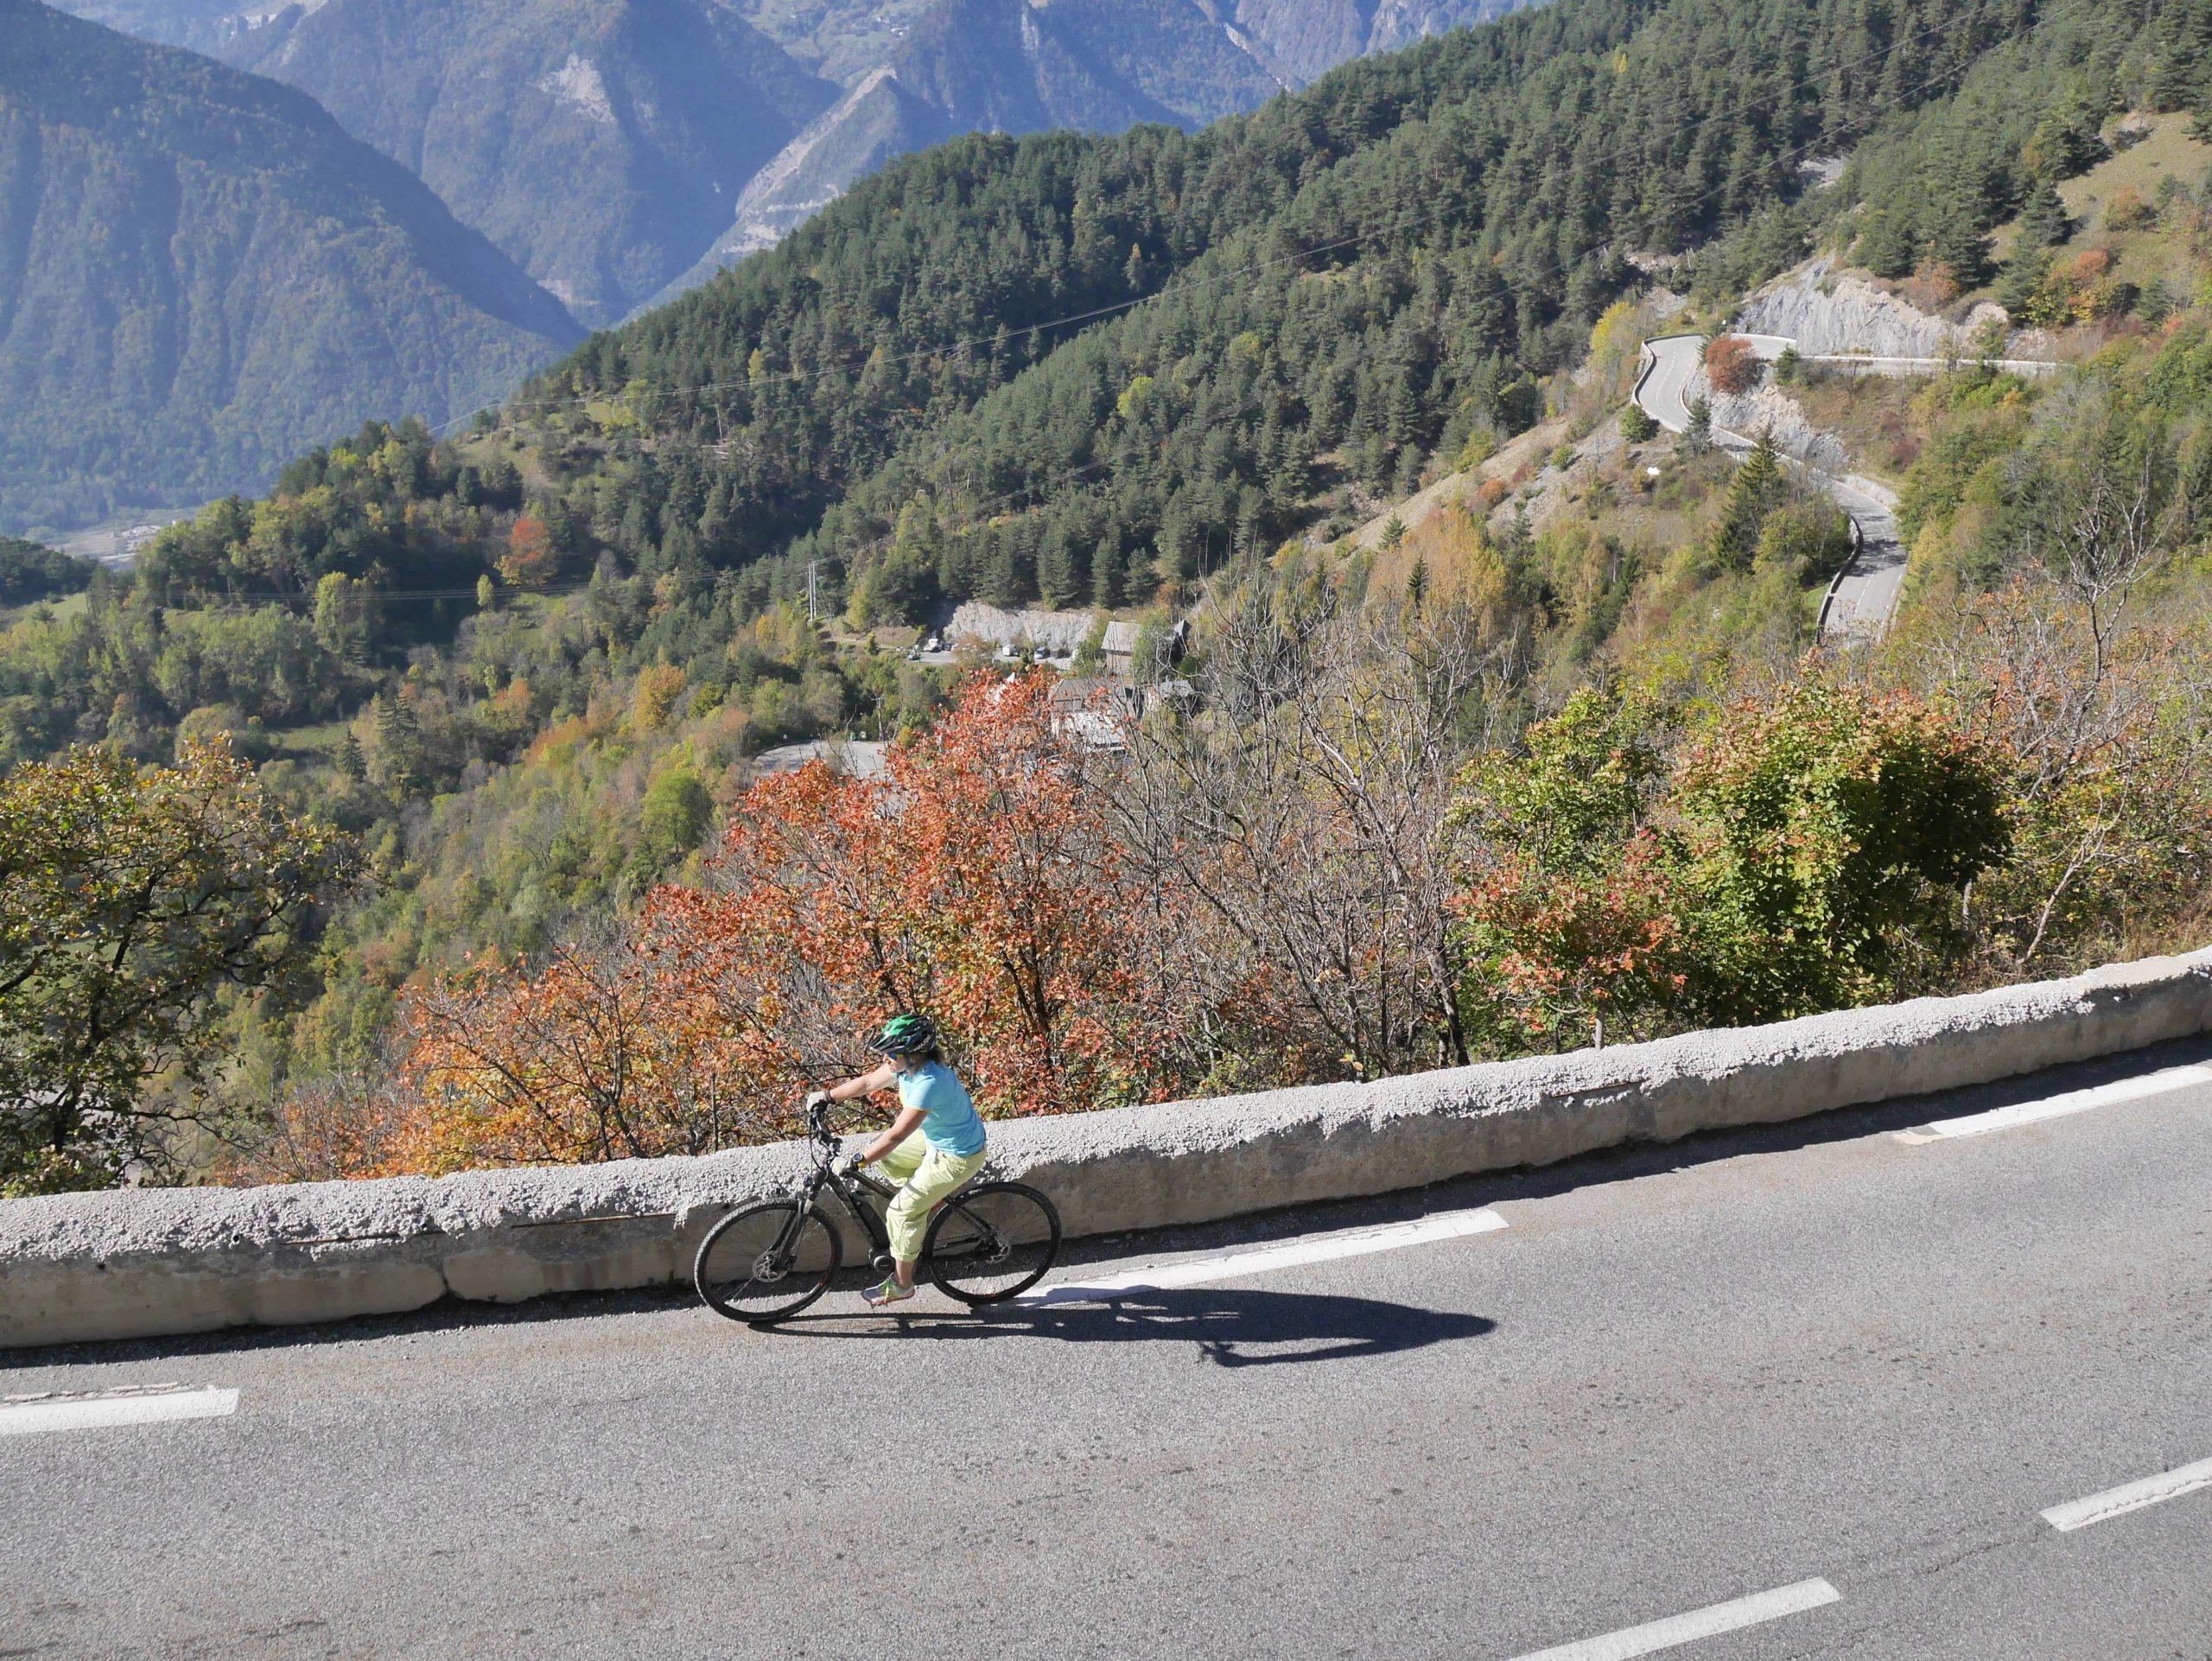 La montée de l'Alpe d'Huez, la classique